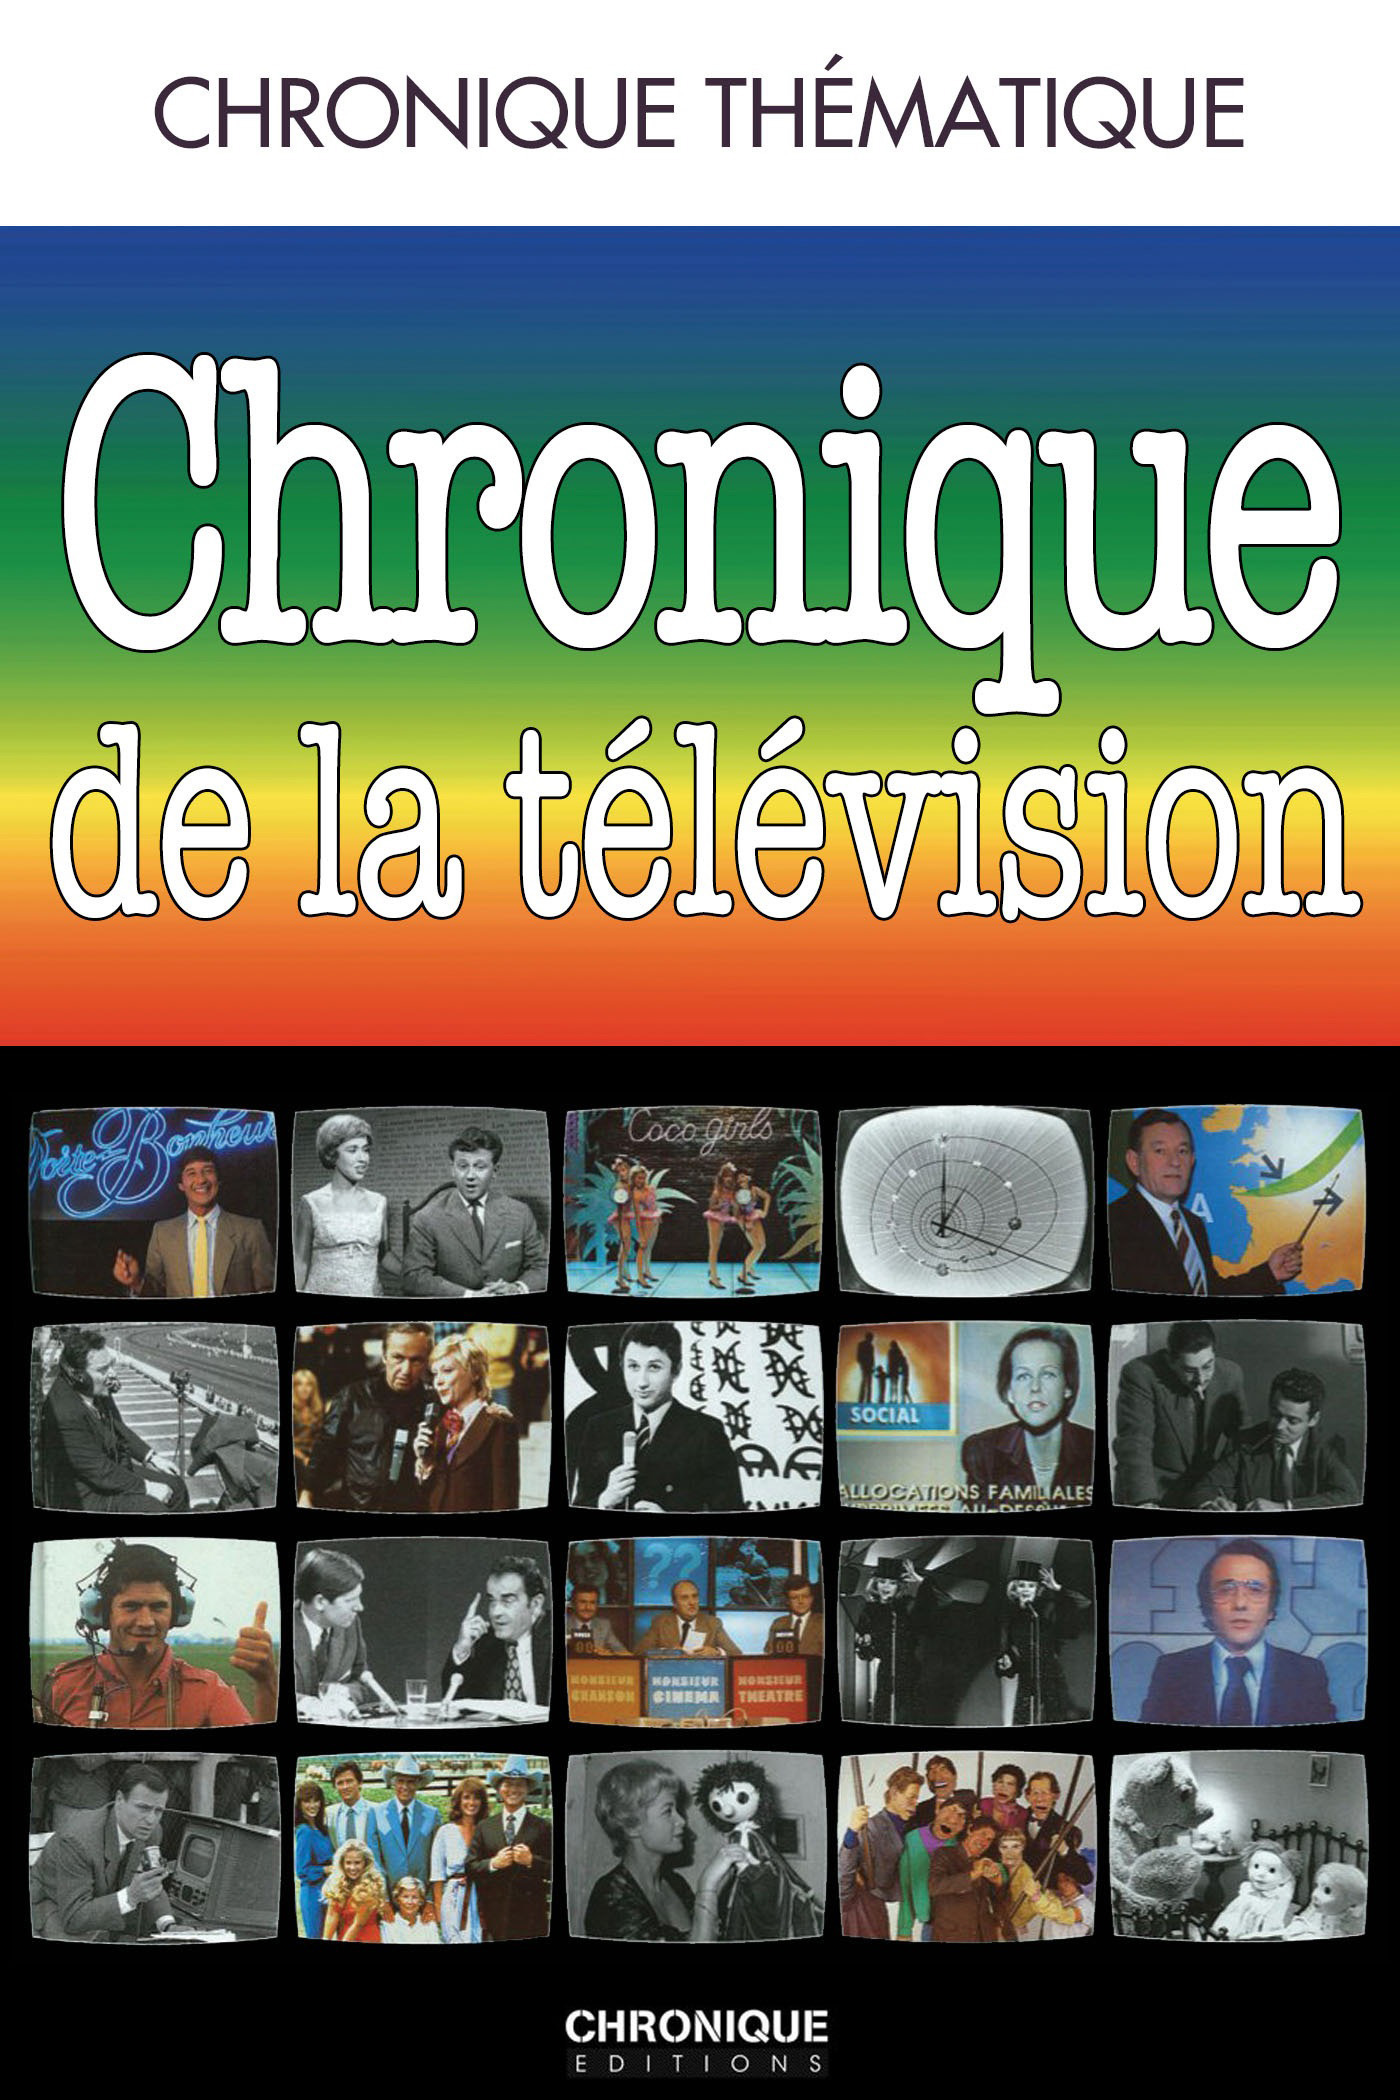 Chronique de la television